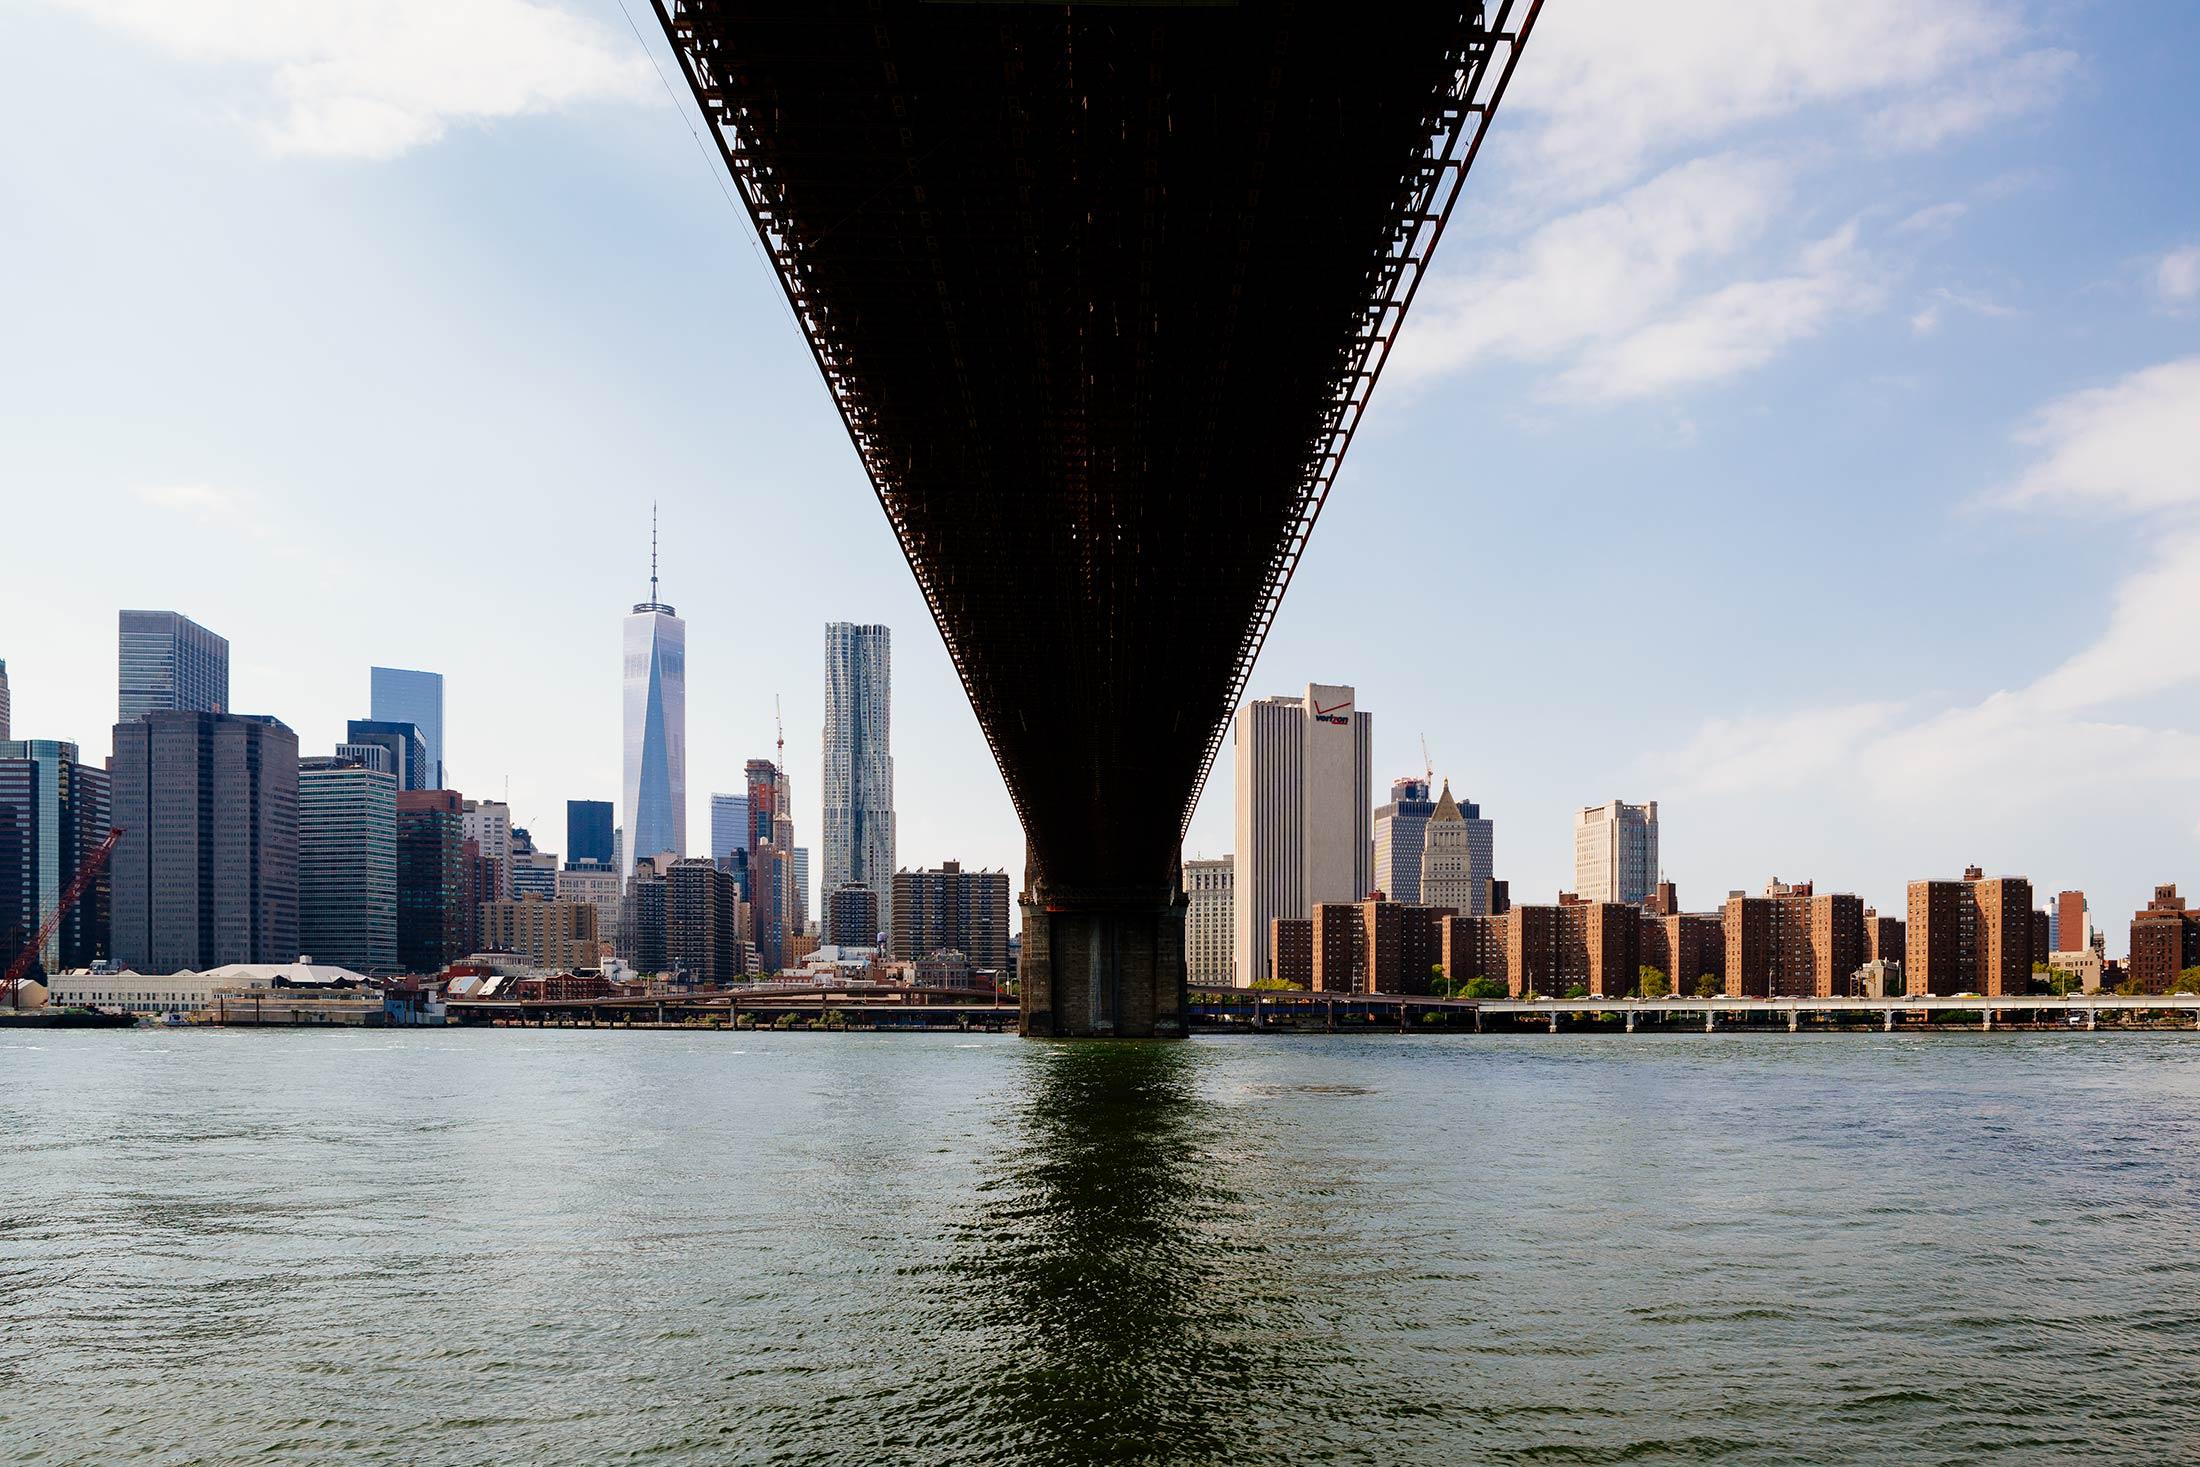 NYC_NewYorkCity_08-Mitja_Schneehage